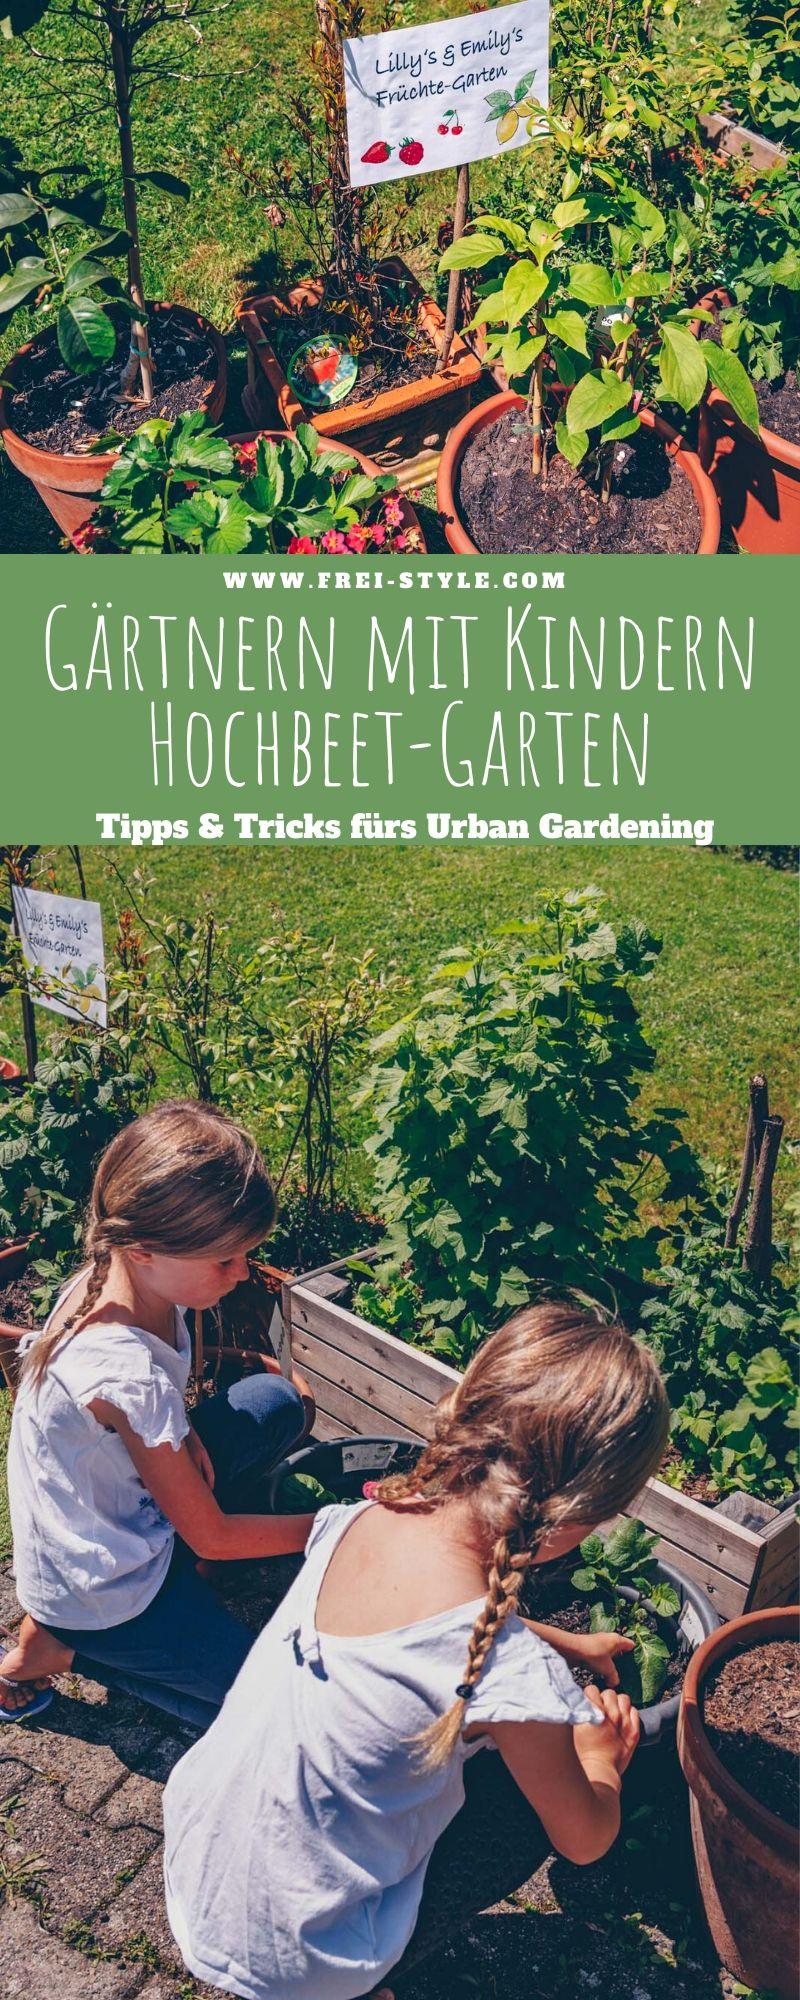 Gärtnern mit Kindern - Urban Gardening